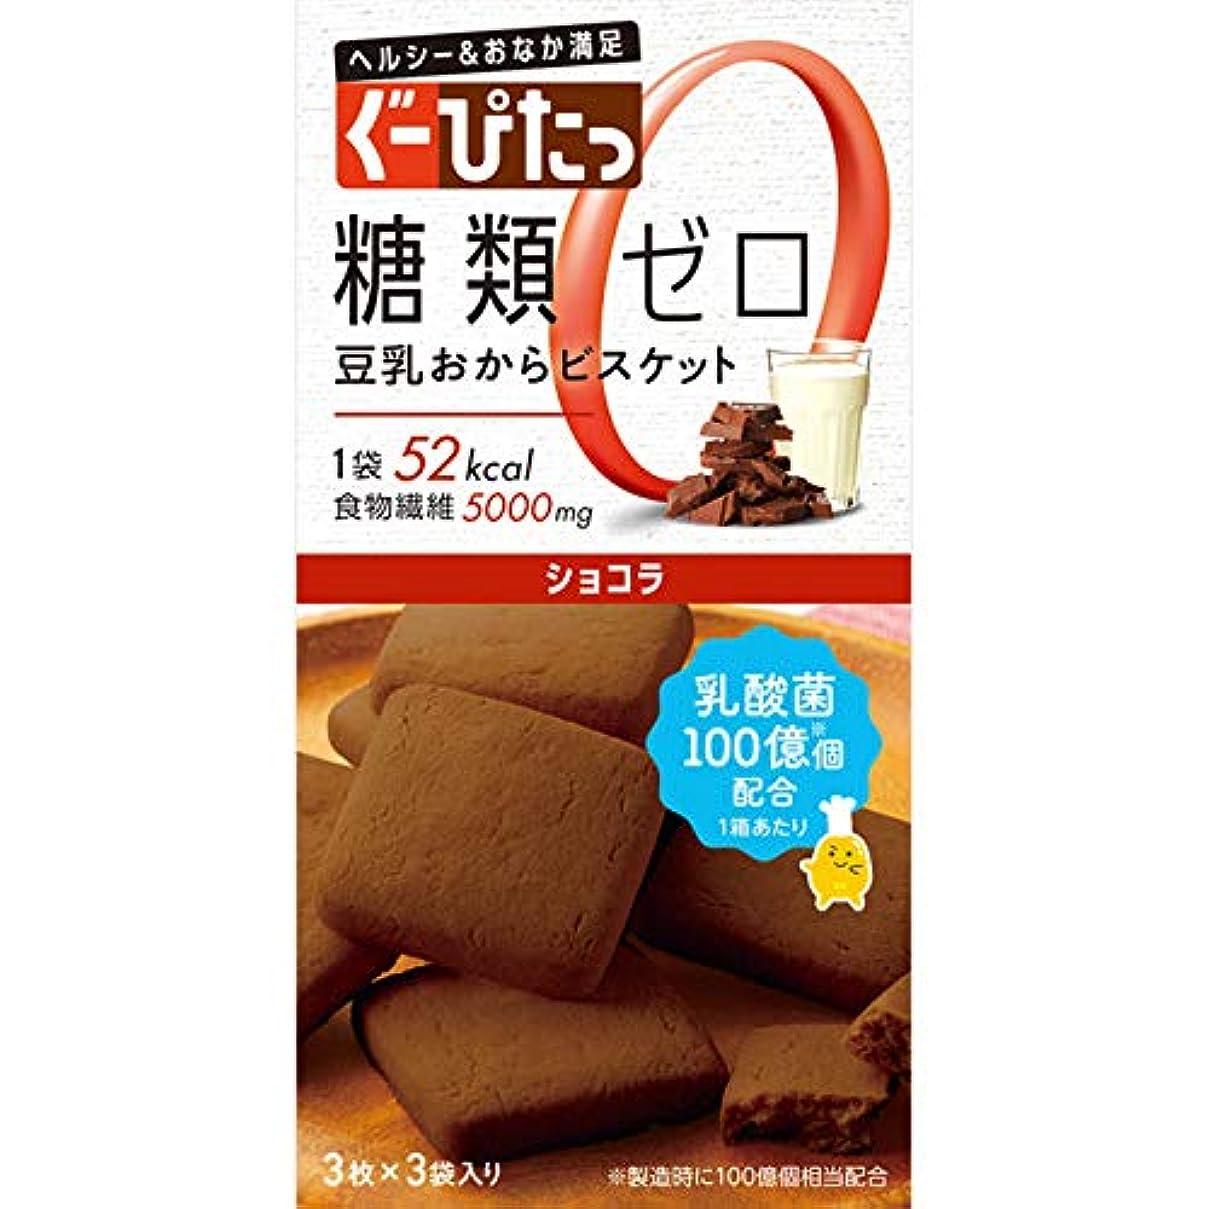 ポンペイメイド自治ナリスアップ ぐーぴたっ 豆乳おからビスケット ショコラ (3枚×3袋) ダイエット食品